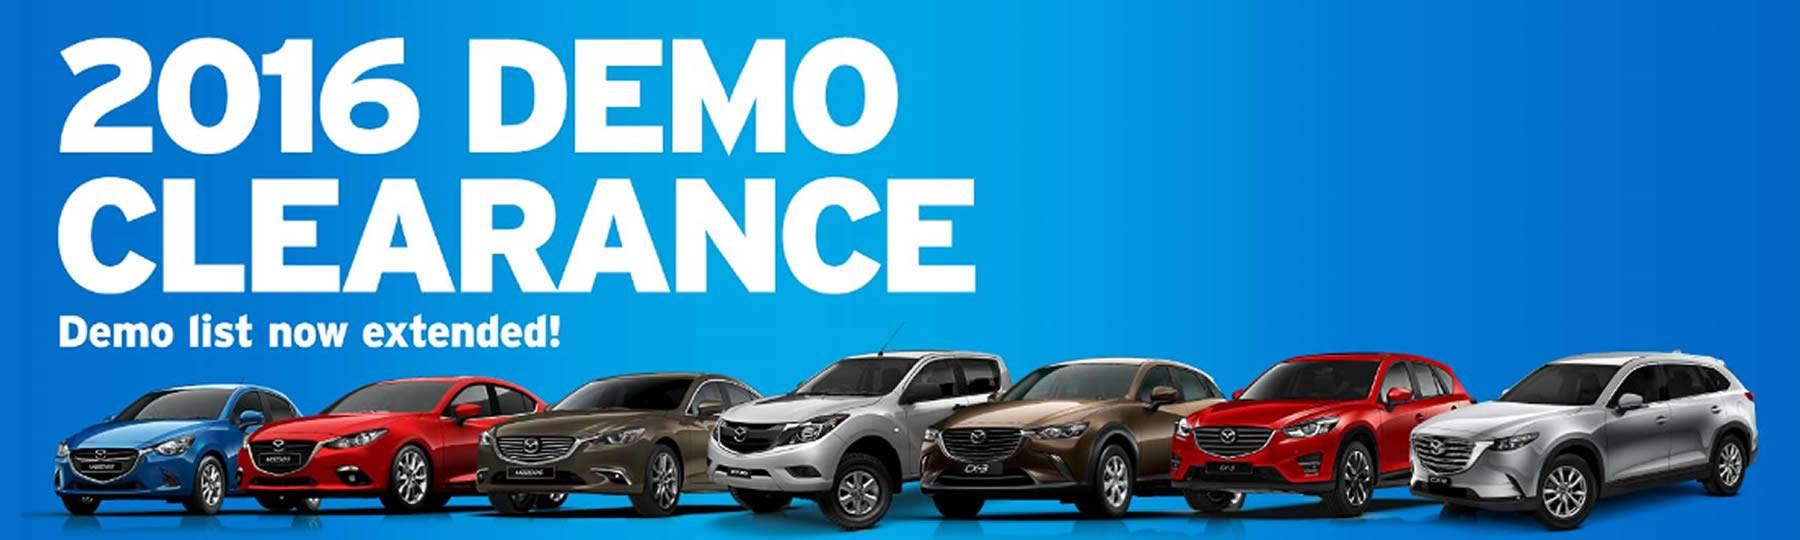 Ringwood Mazda Demo Clearance